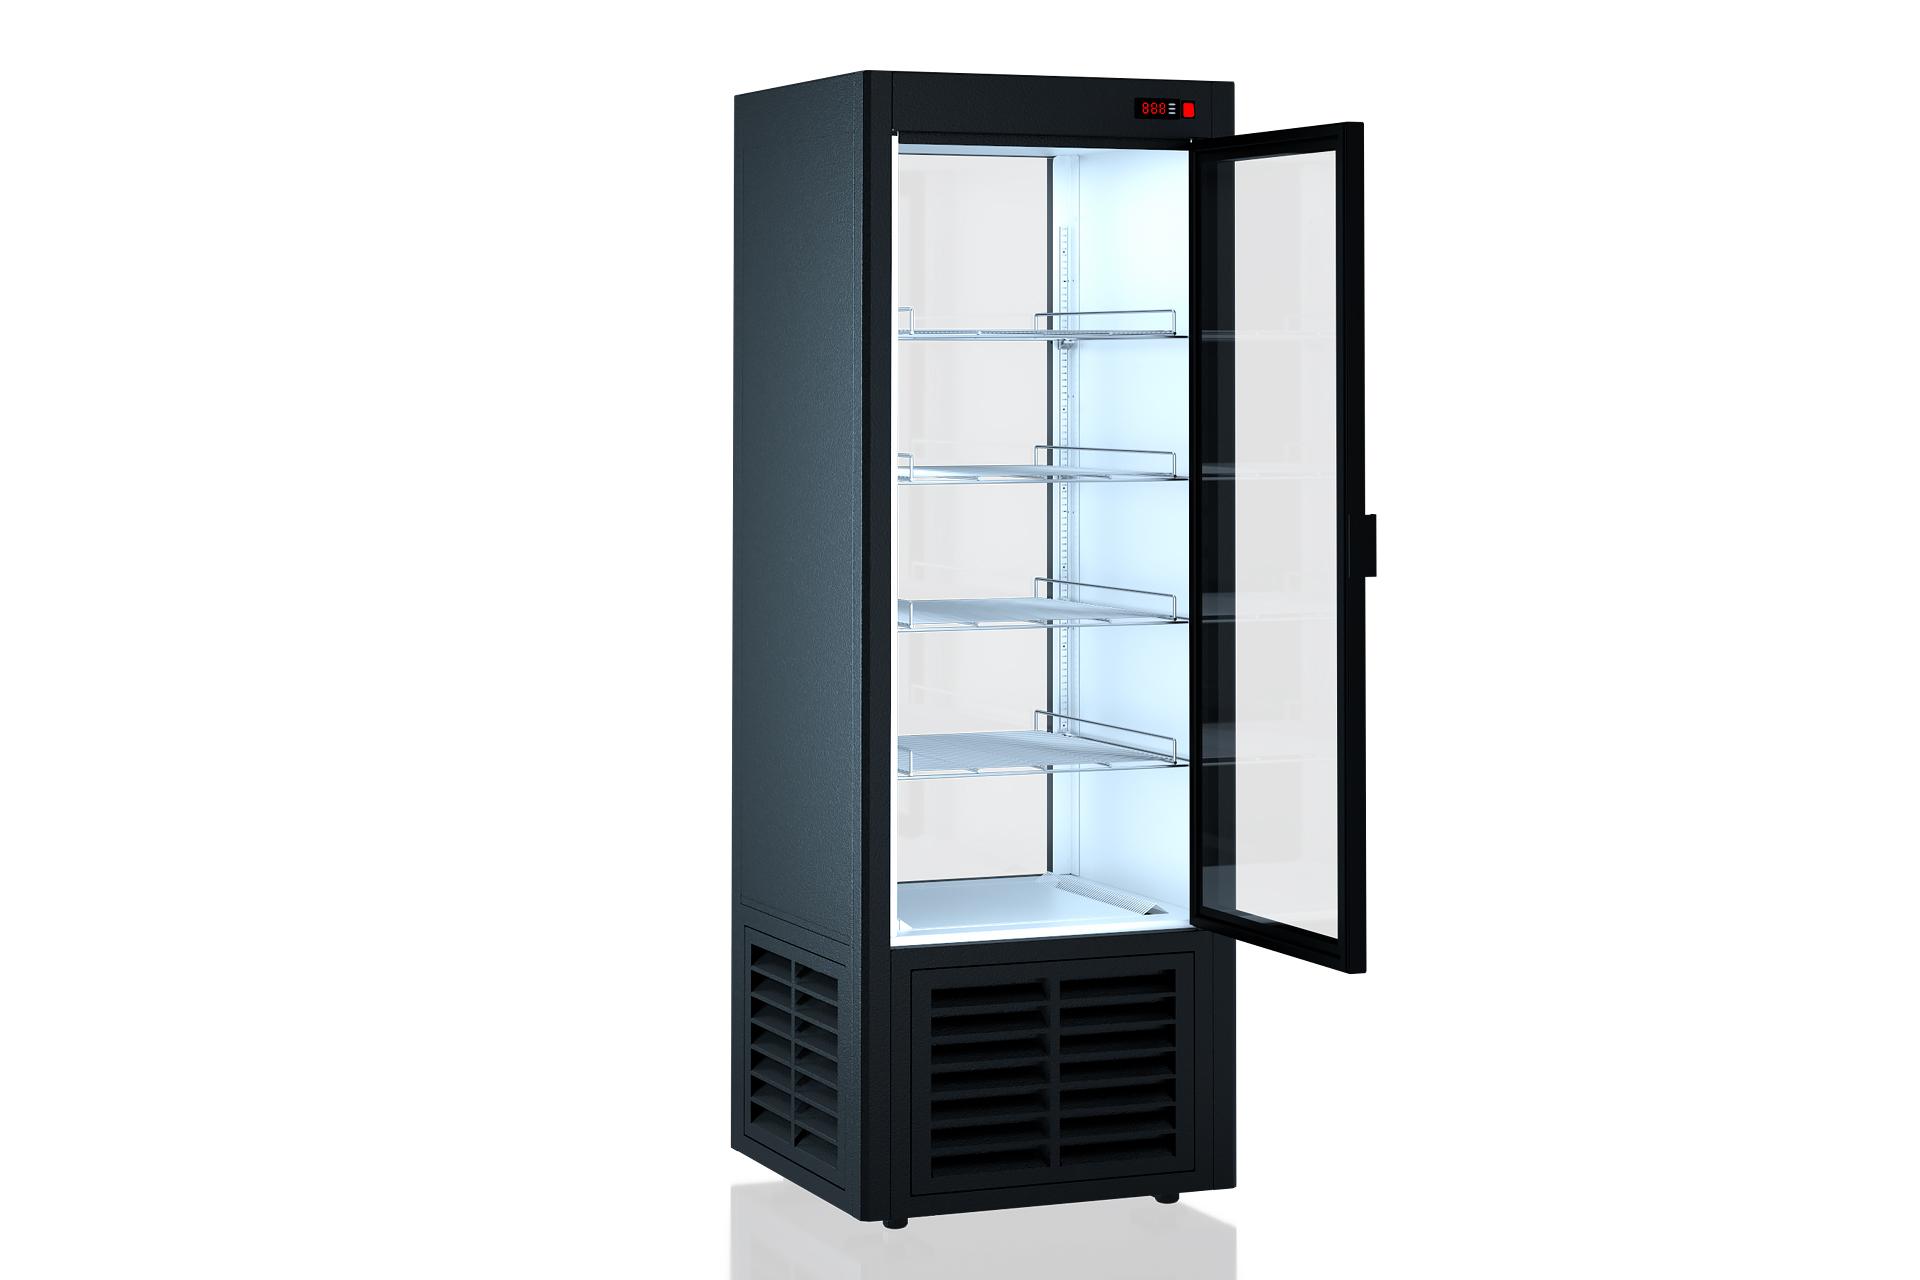 Холодильні шафи Kansas А2SG 070 HT 1HD 210-D600A-070 (вид з боку продавця)